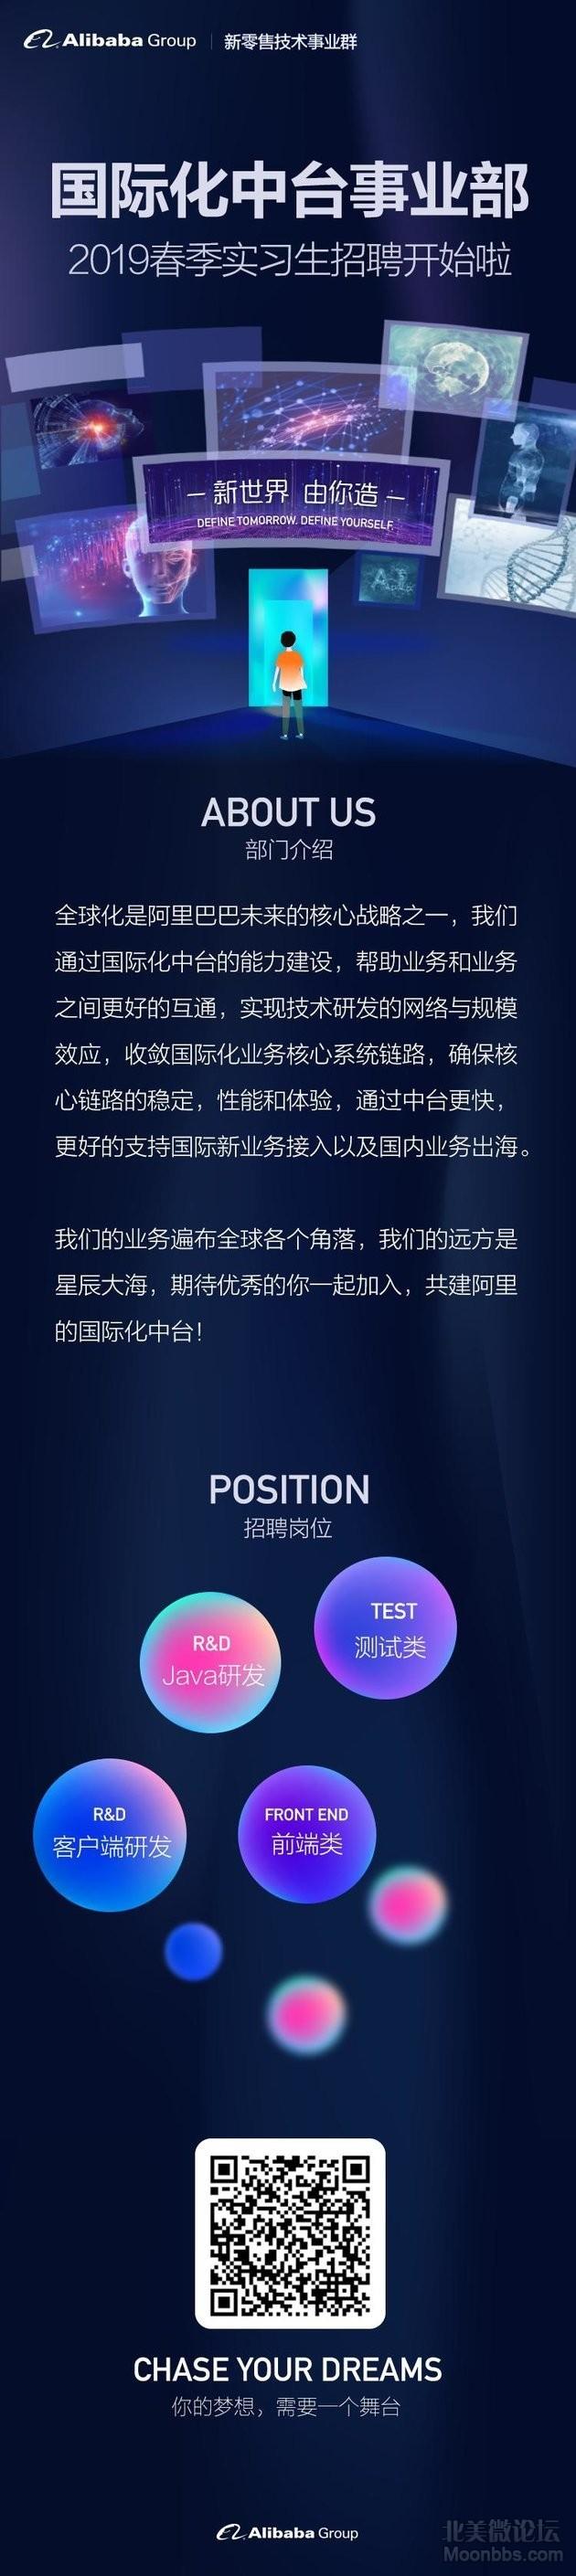 2019校招 国际化中台长图副本.png